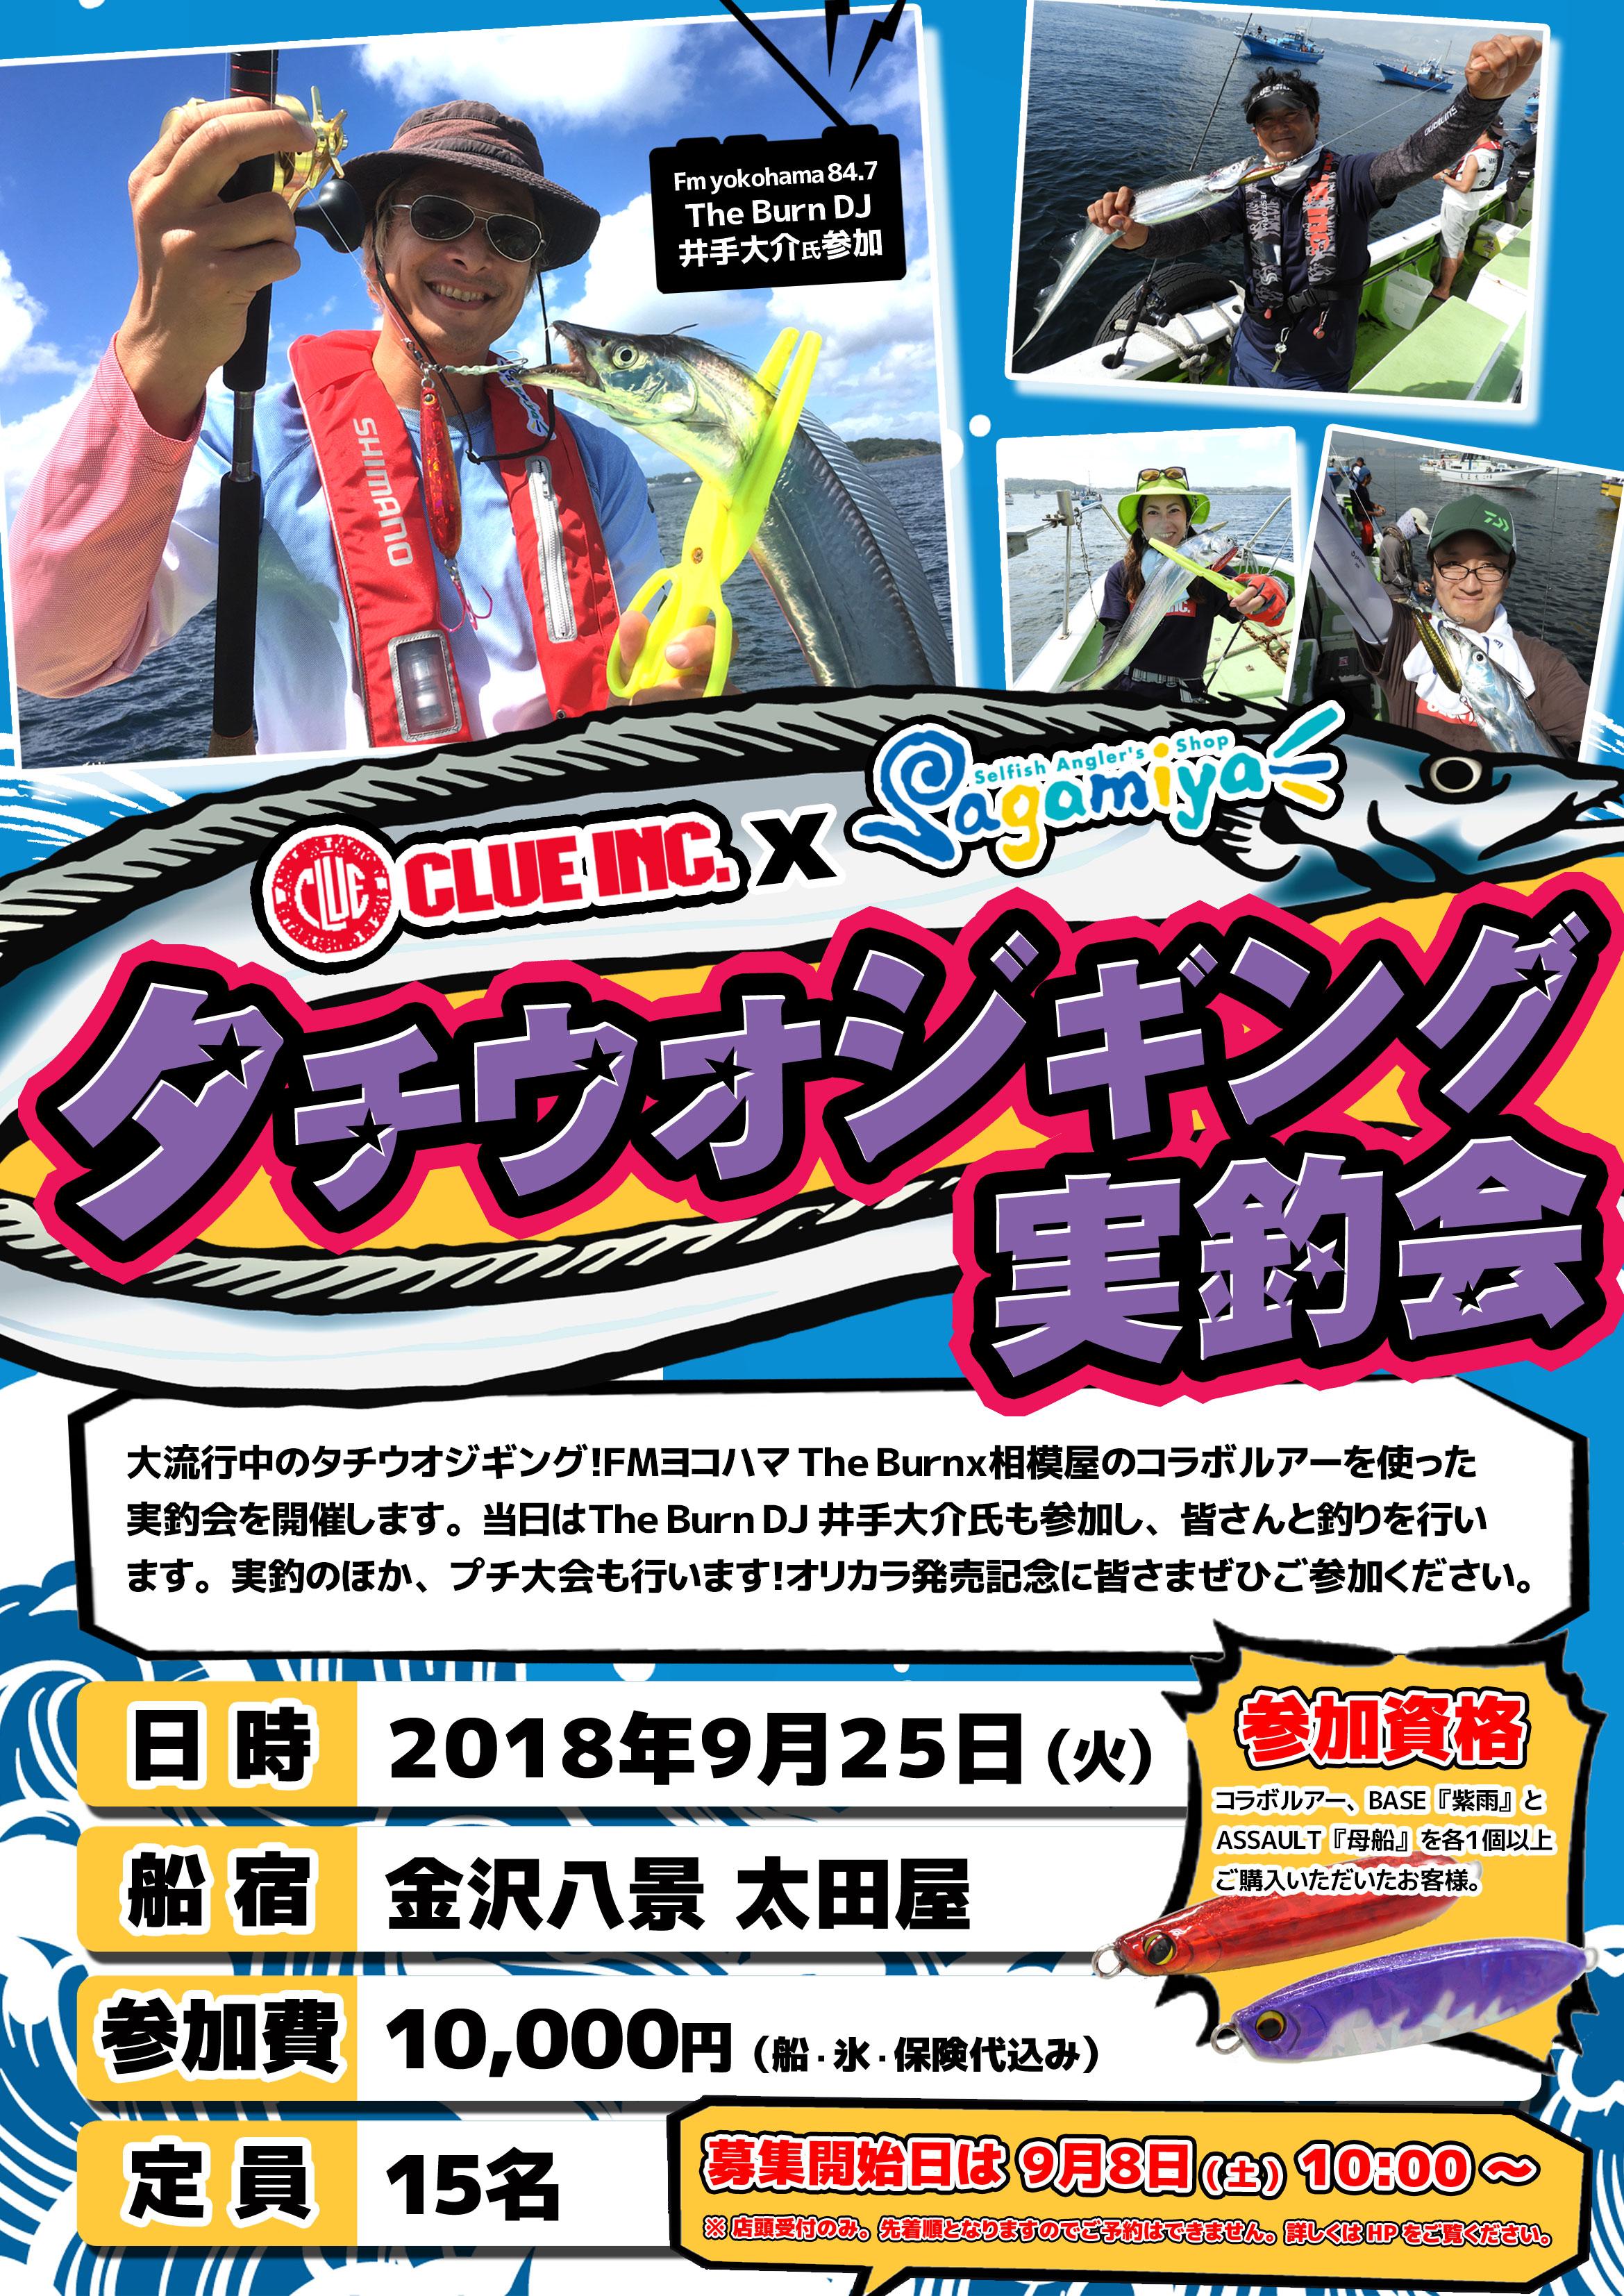 明日から募集開始!2018年9月25日(火)CLUEx相模屋 タチウオジギング実釣会